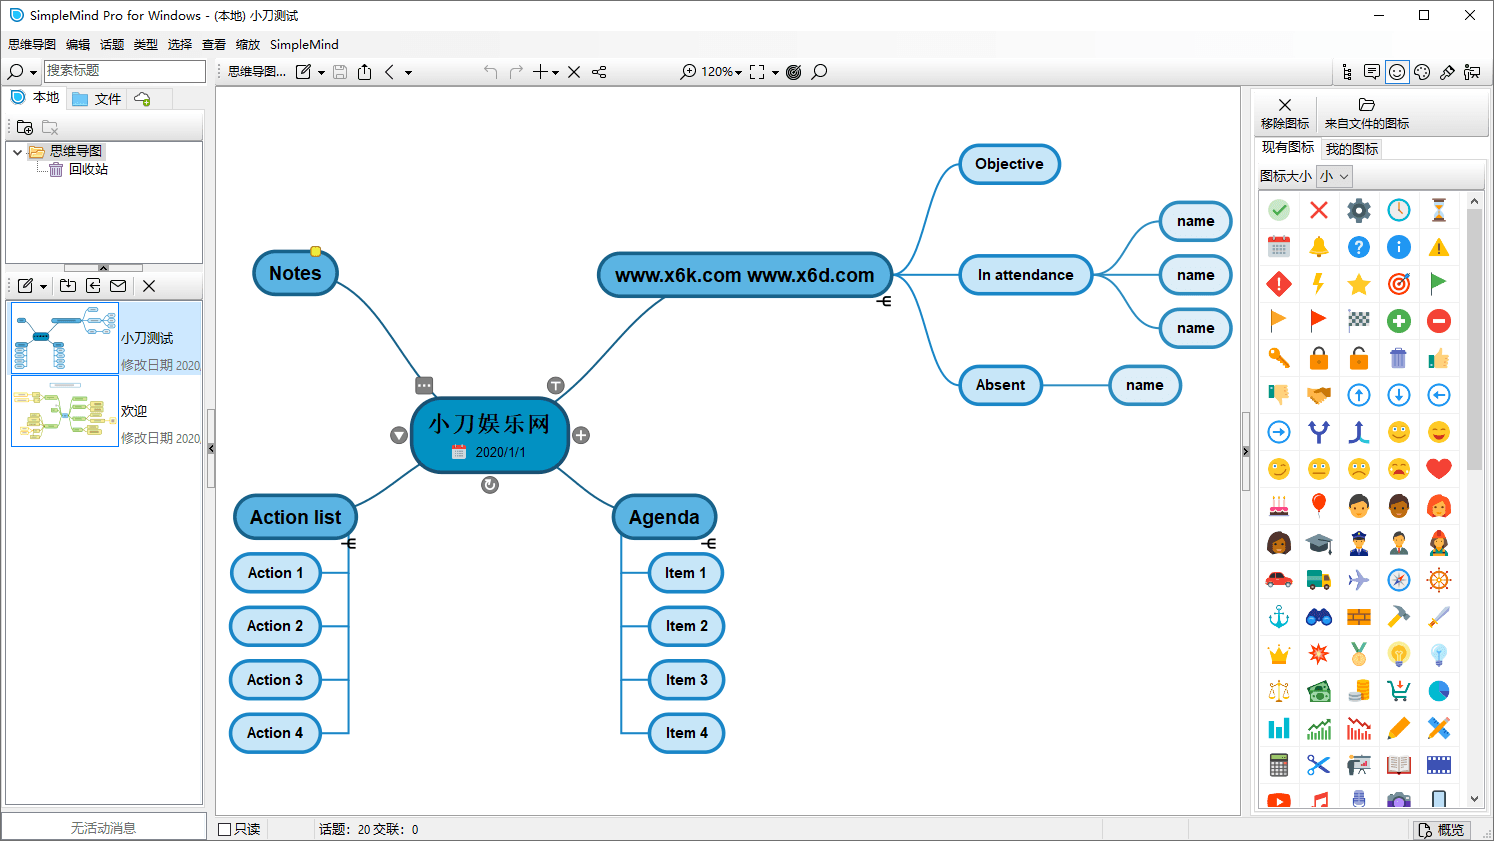 SimpleMind Pro v1.27.0